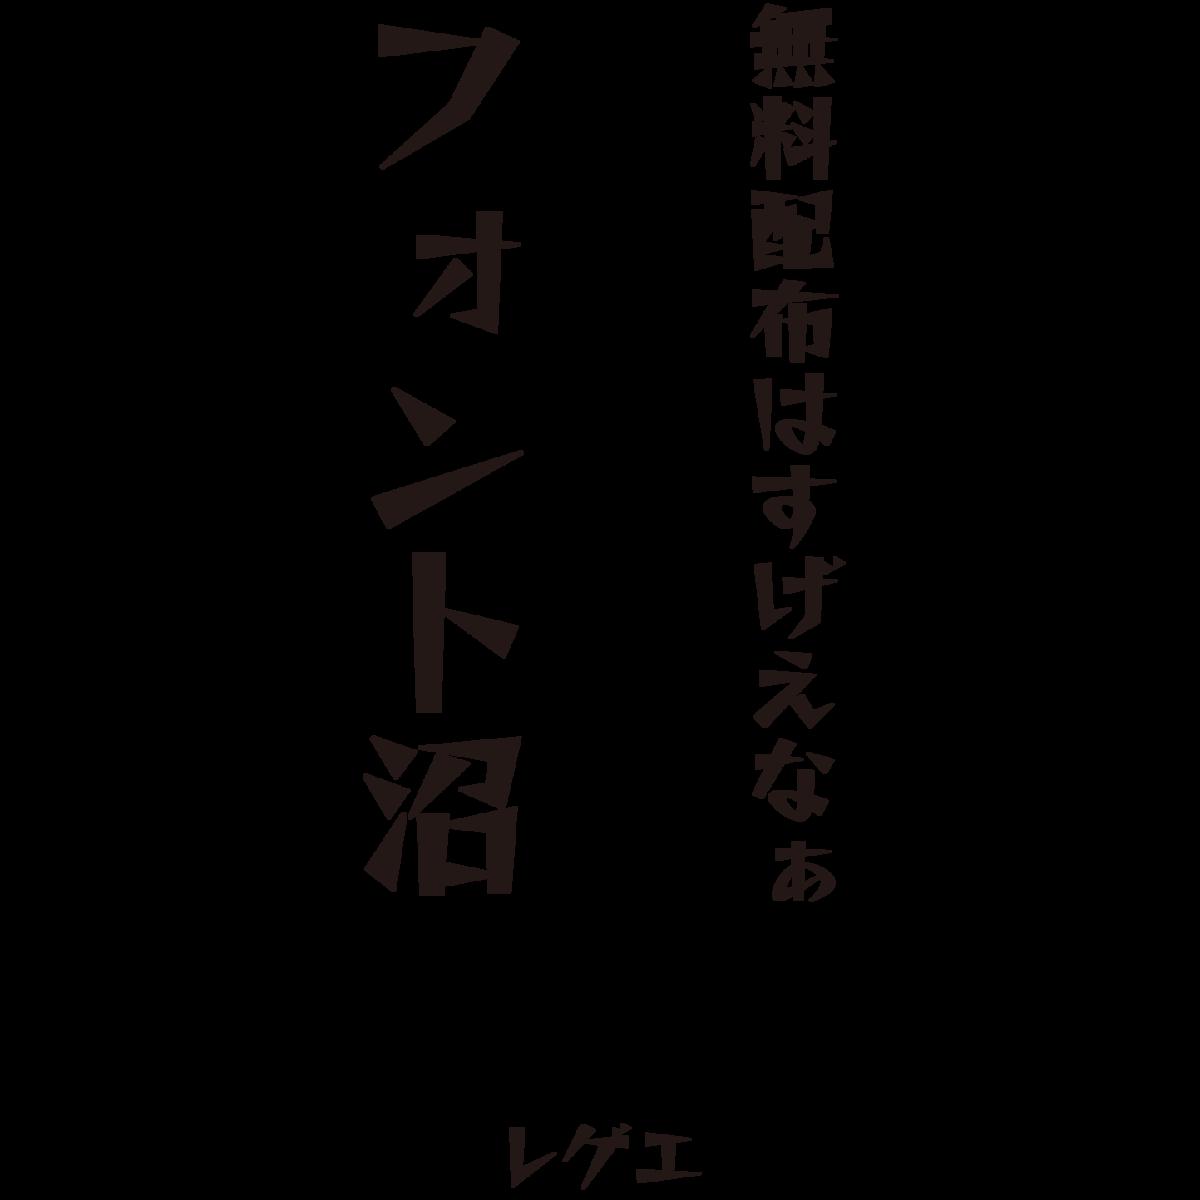 f:id:mojiru:20210124170537p:plain